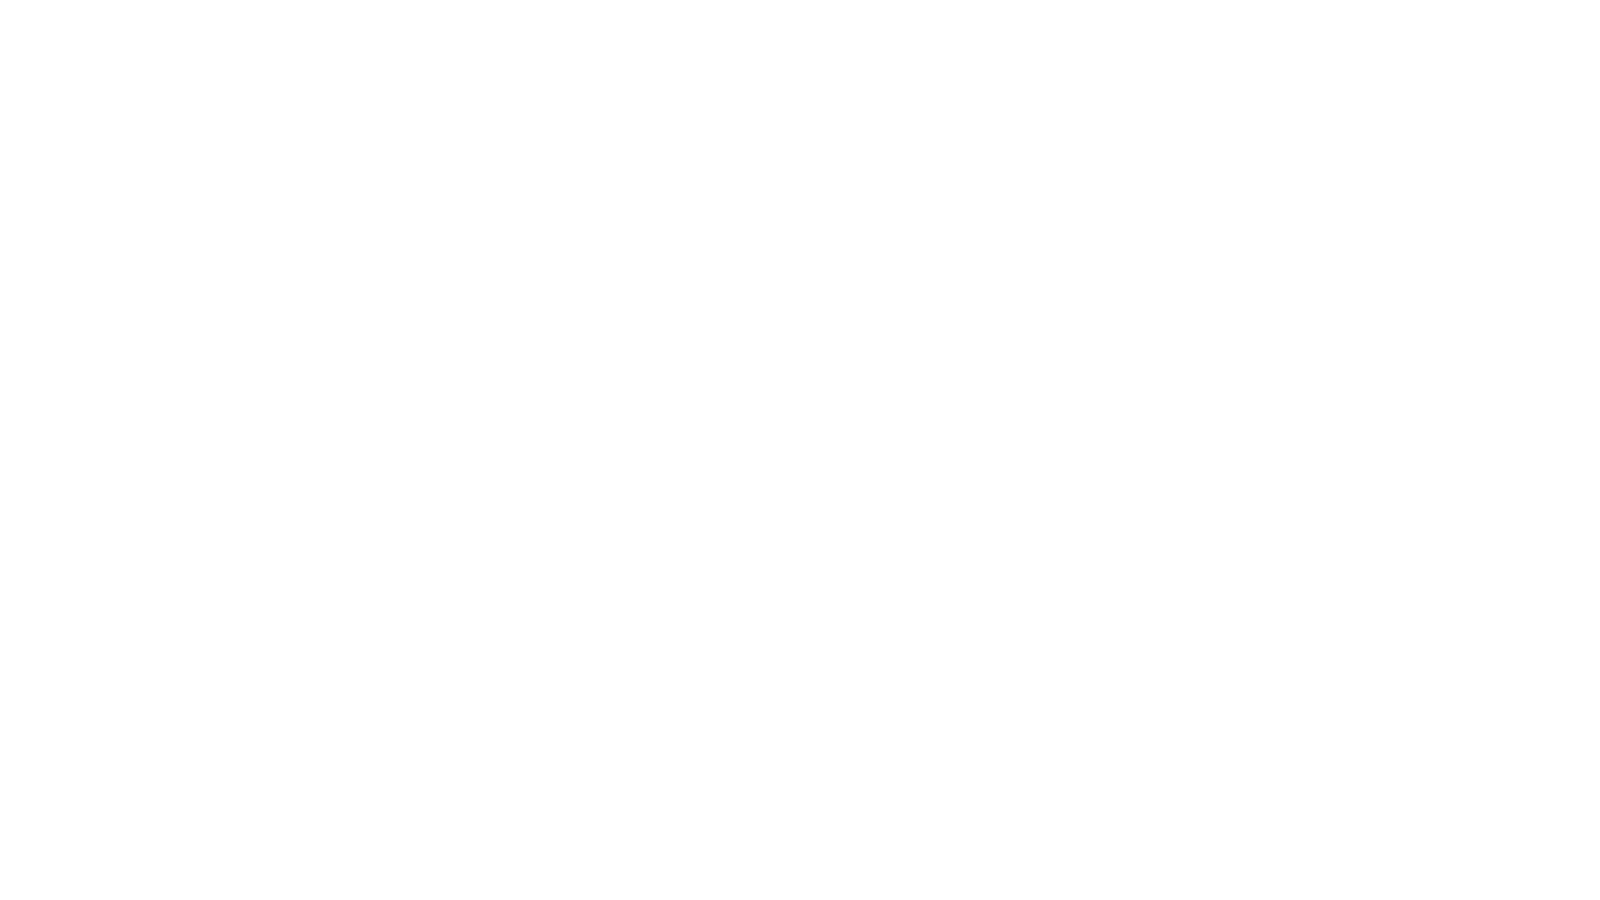 #bocajuniors #riquelme #tevez #russoTu #suscripcion nos ayuda a crecer [ SUBSCRIBE ]#patadaindienews #minutoindie #patadaindie www.patadaindie.com Instagram & Facebook @patadaindienews #soccer #goles #futbol #soccernews #noticiasdefutbol